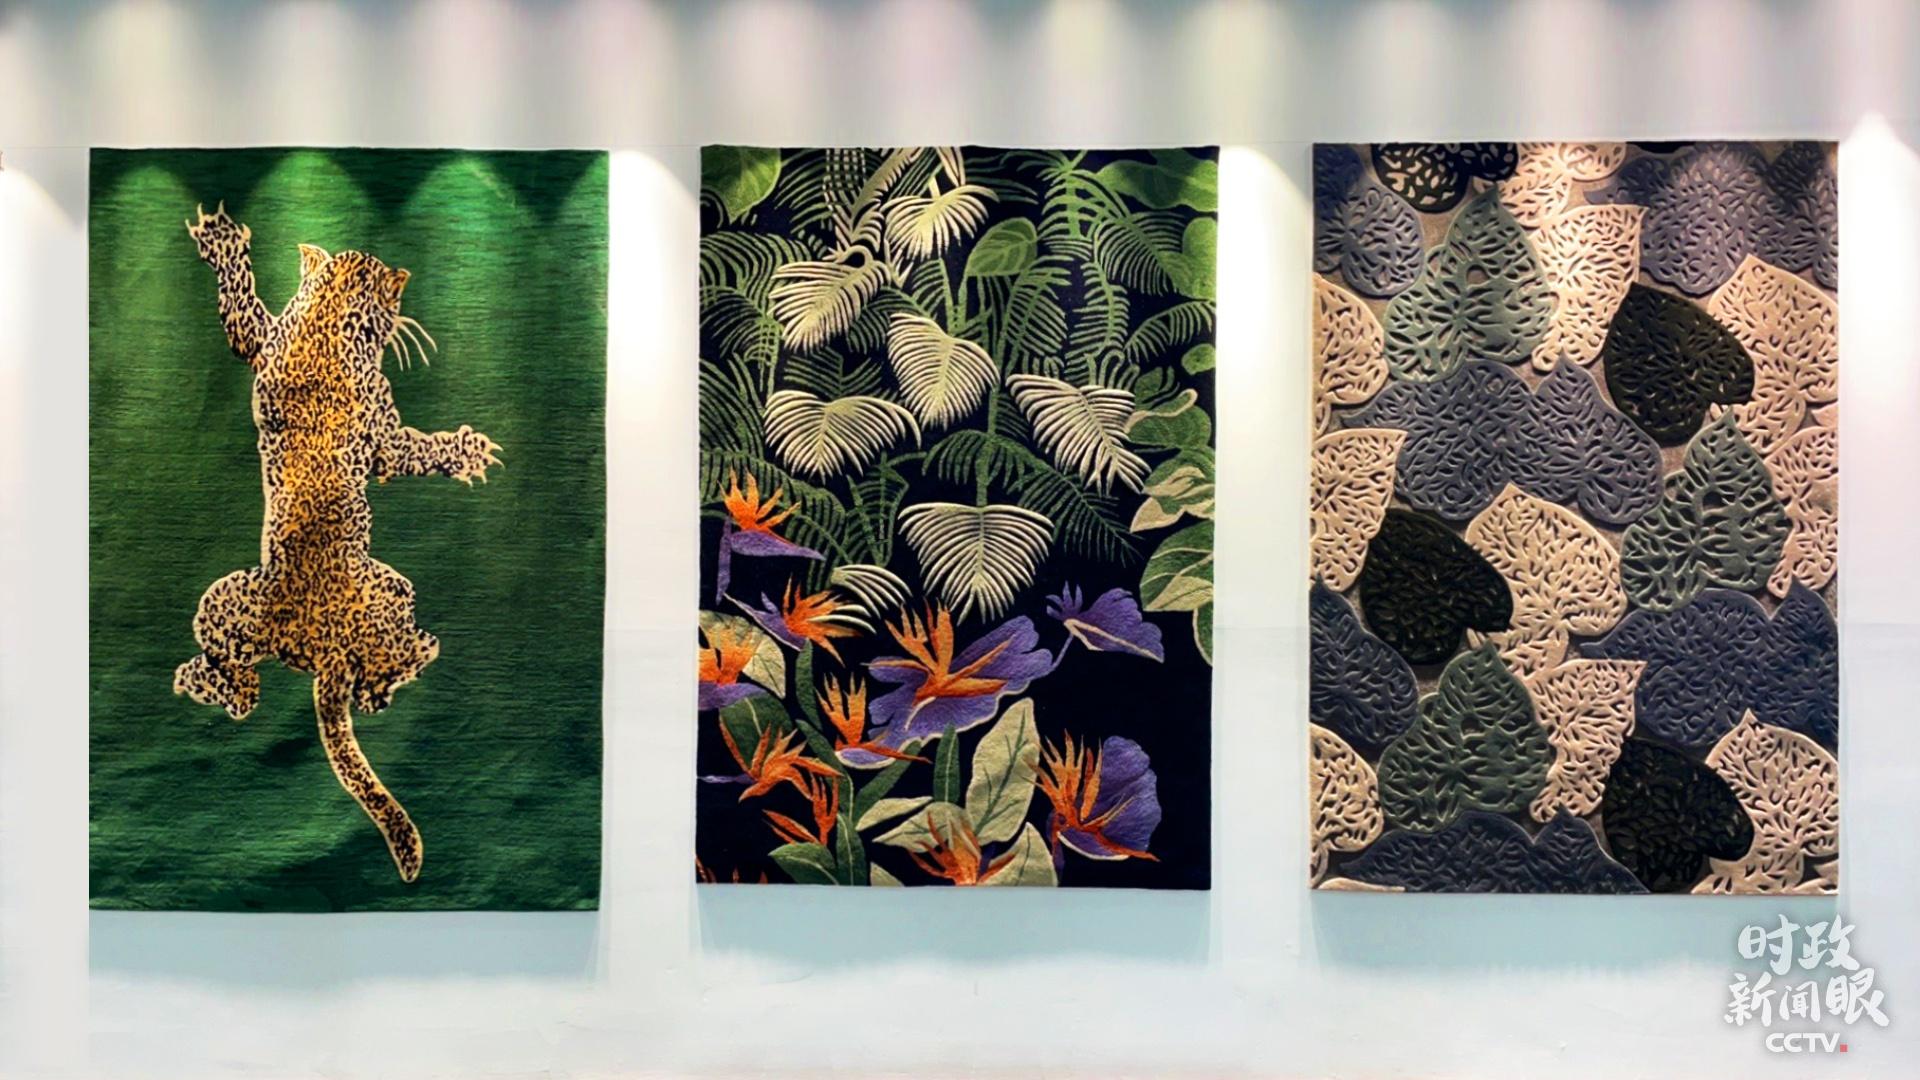 △藏毯作品(总台央广记者潘毅拍摄)